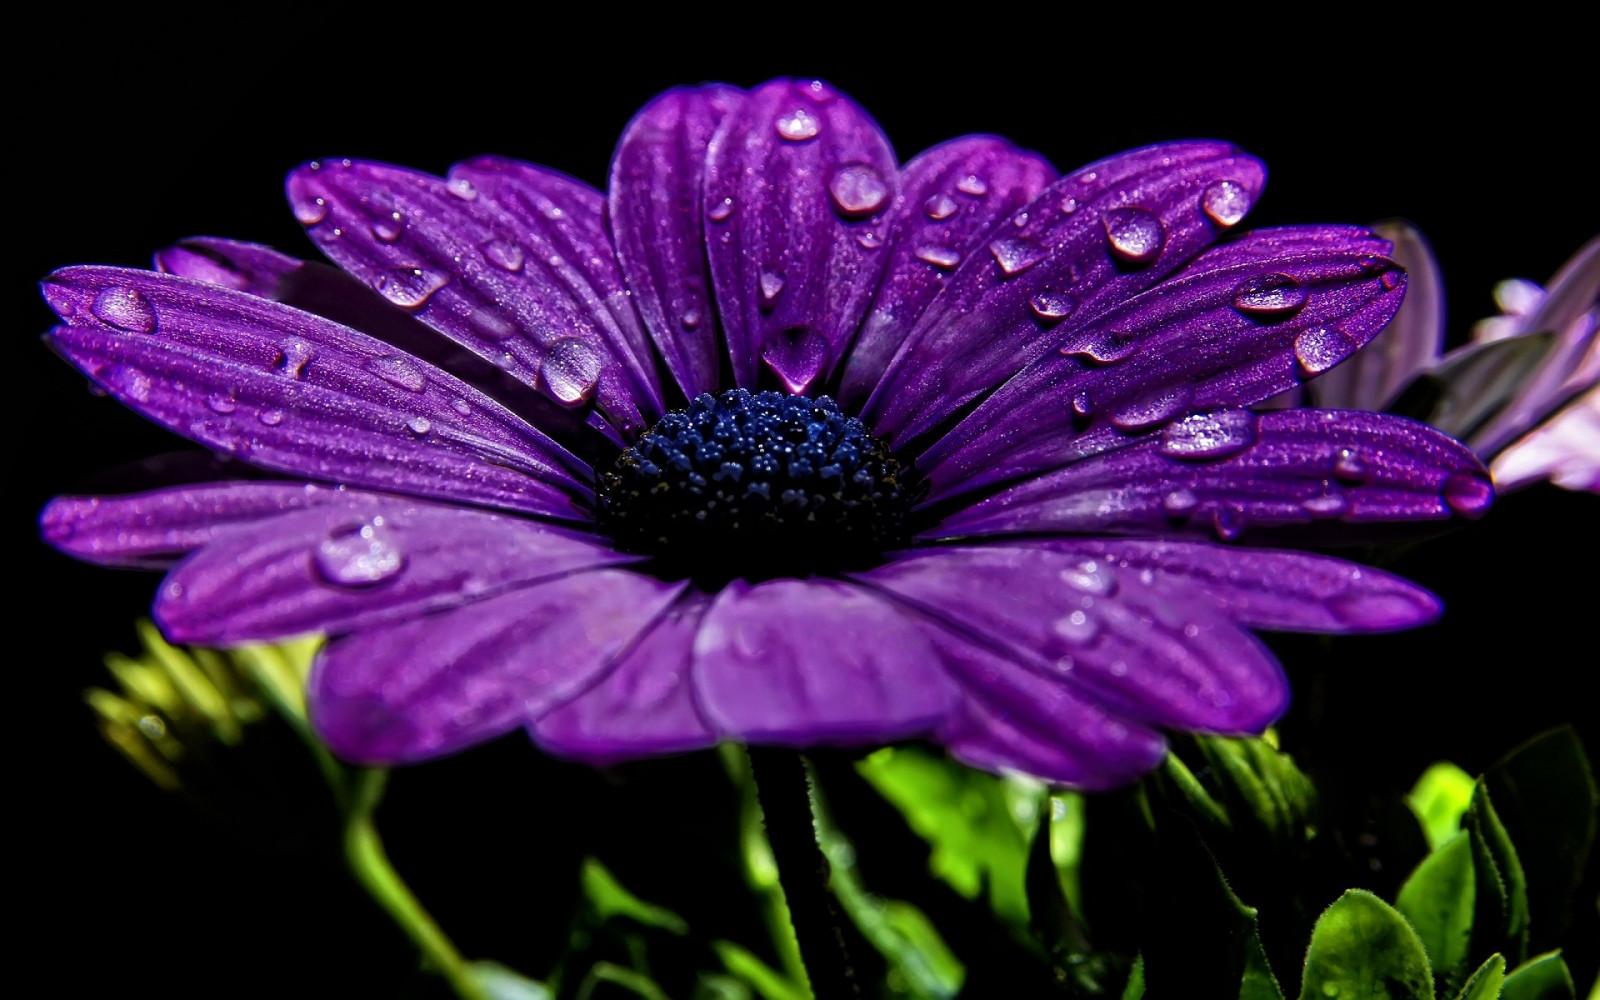 цвете картинками с о все лиловом